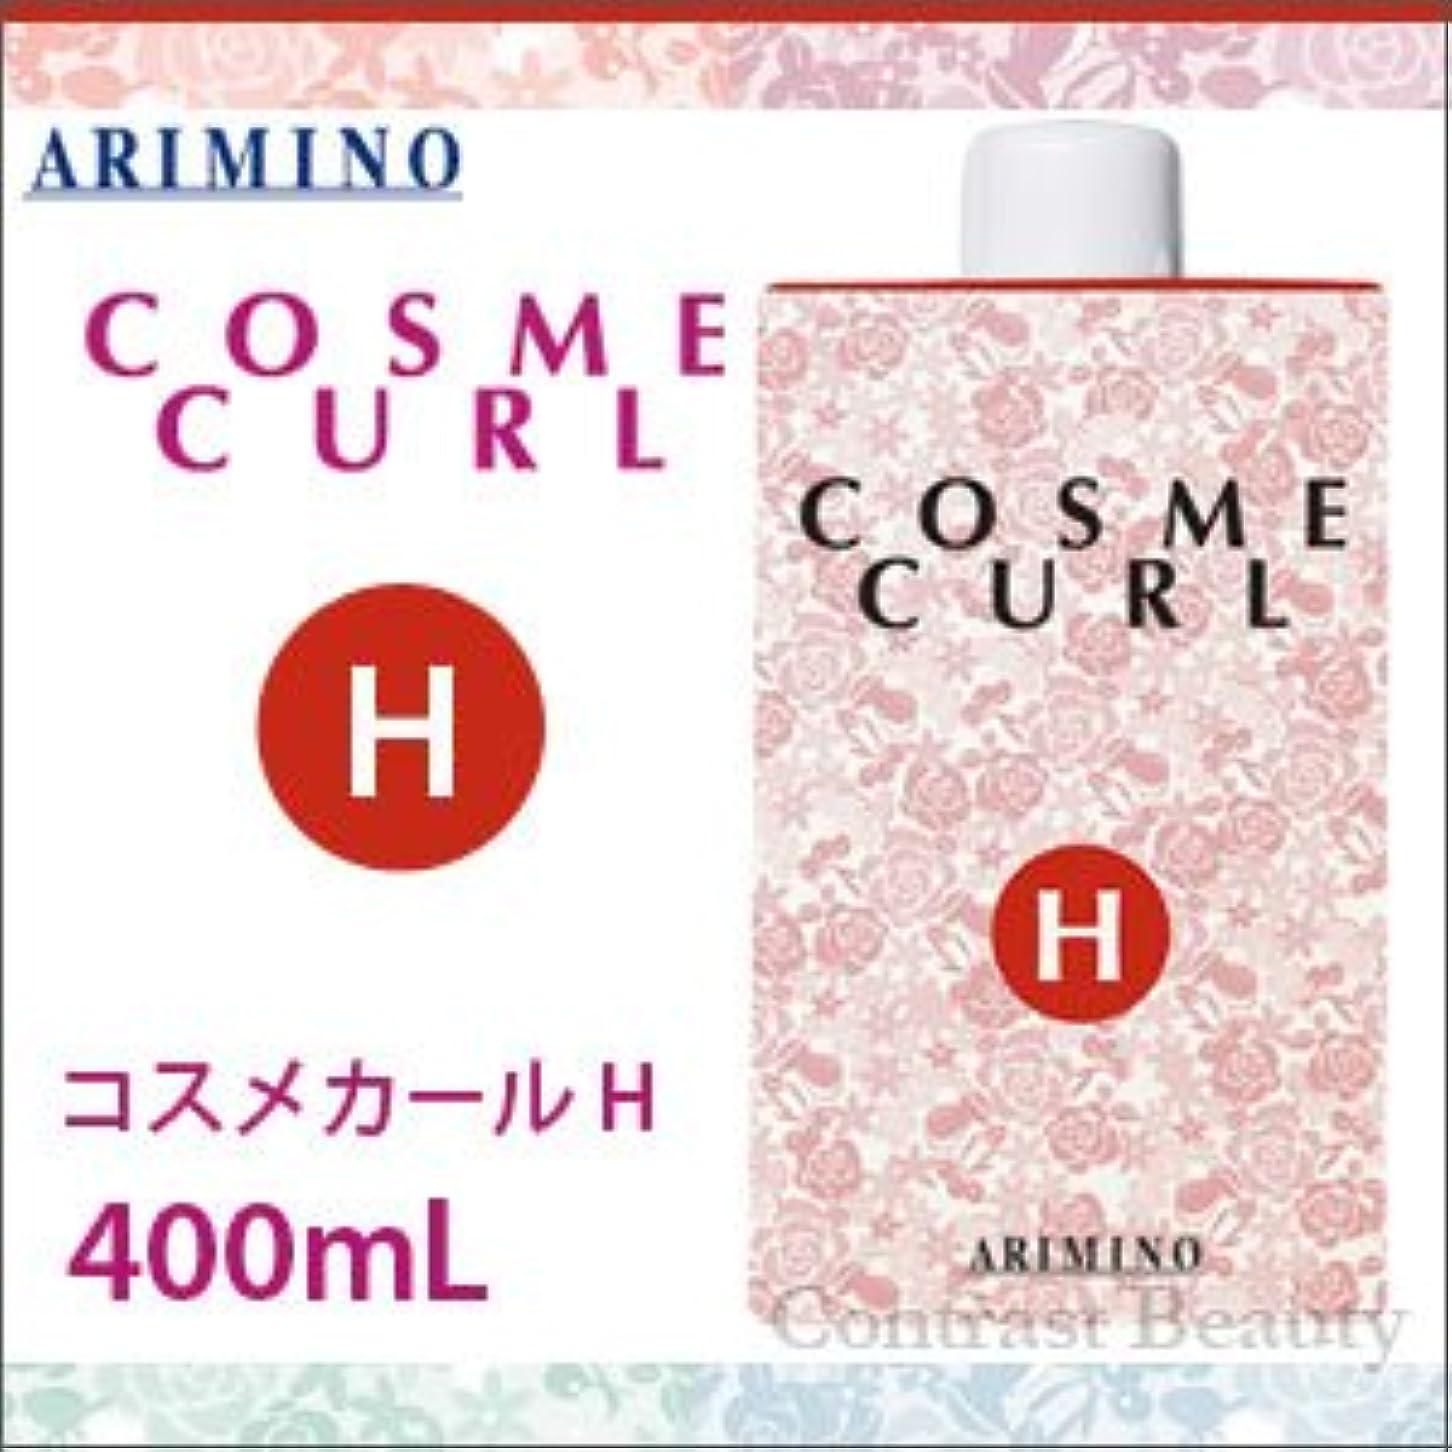 中性指標よろしくアリミノ コスメカール H 400ml